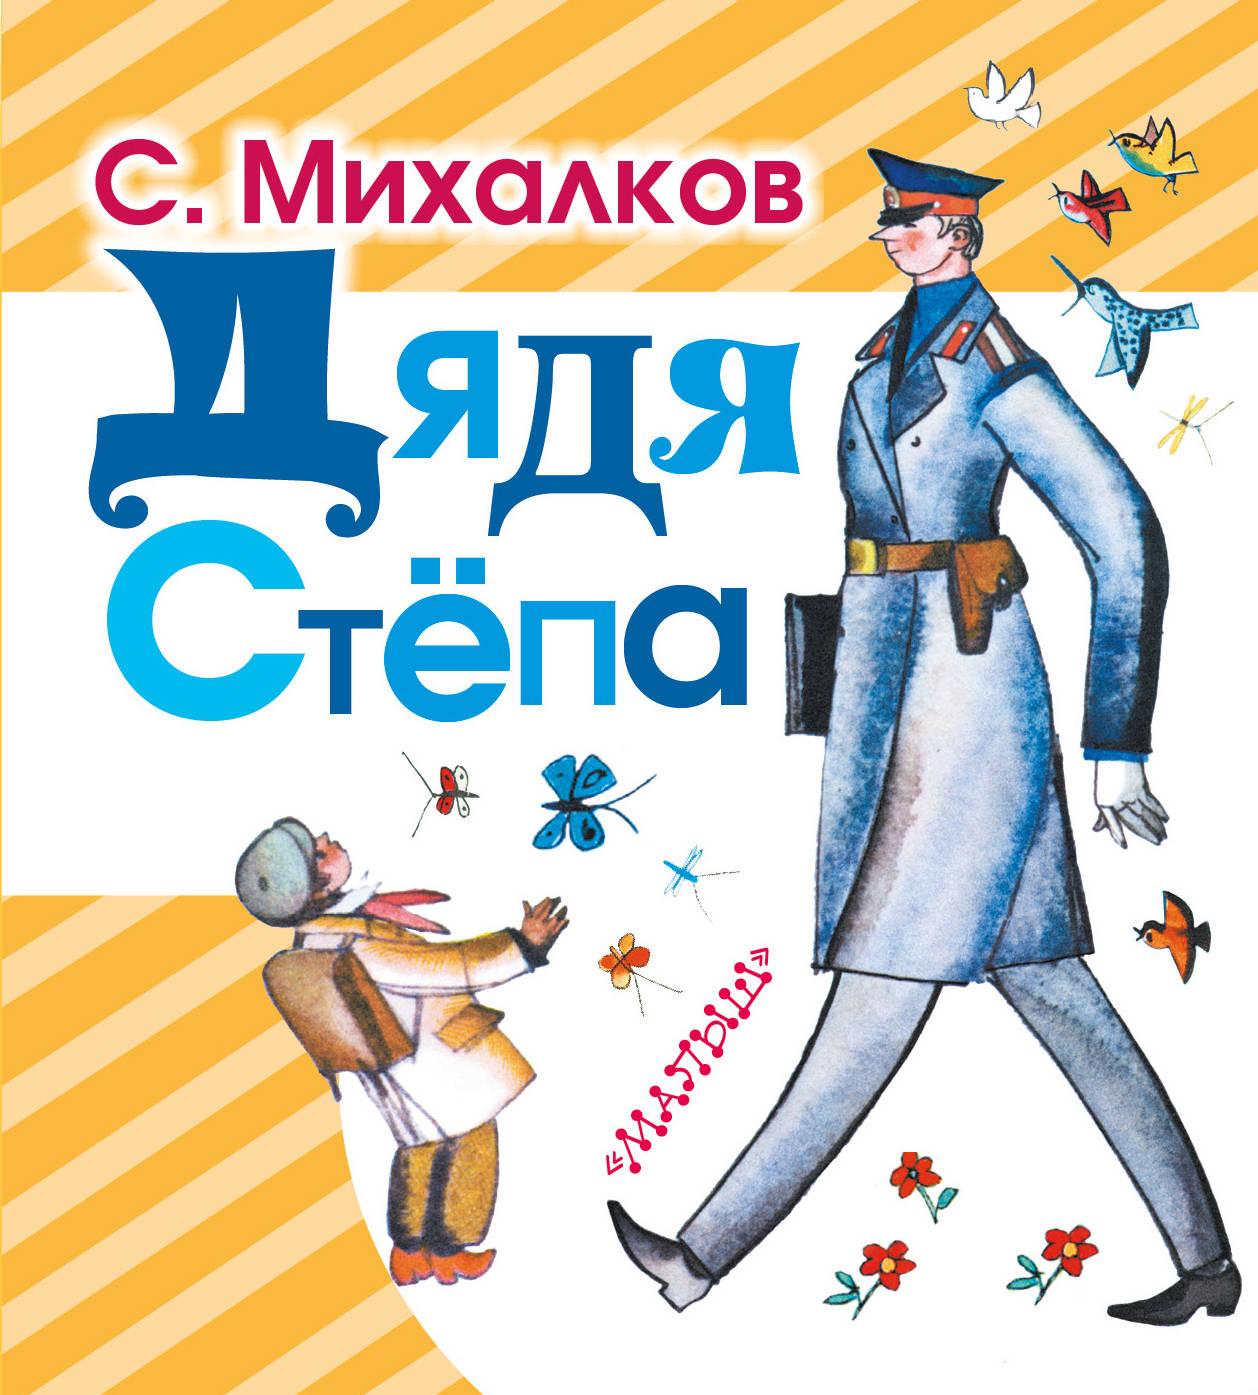 Михалков С.В. Дядя Степа сергей михалков дядя стёпа